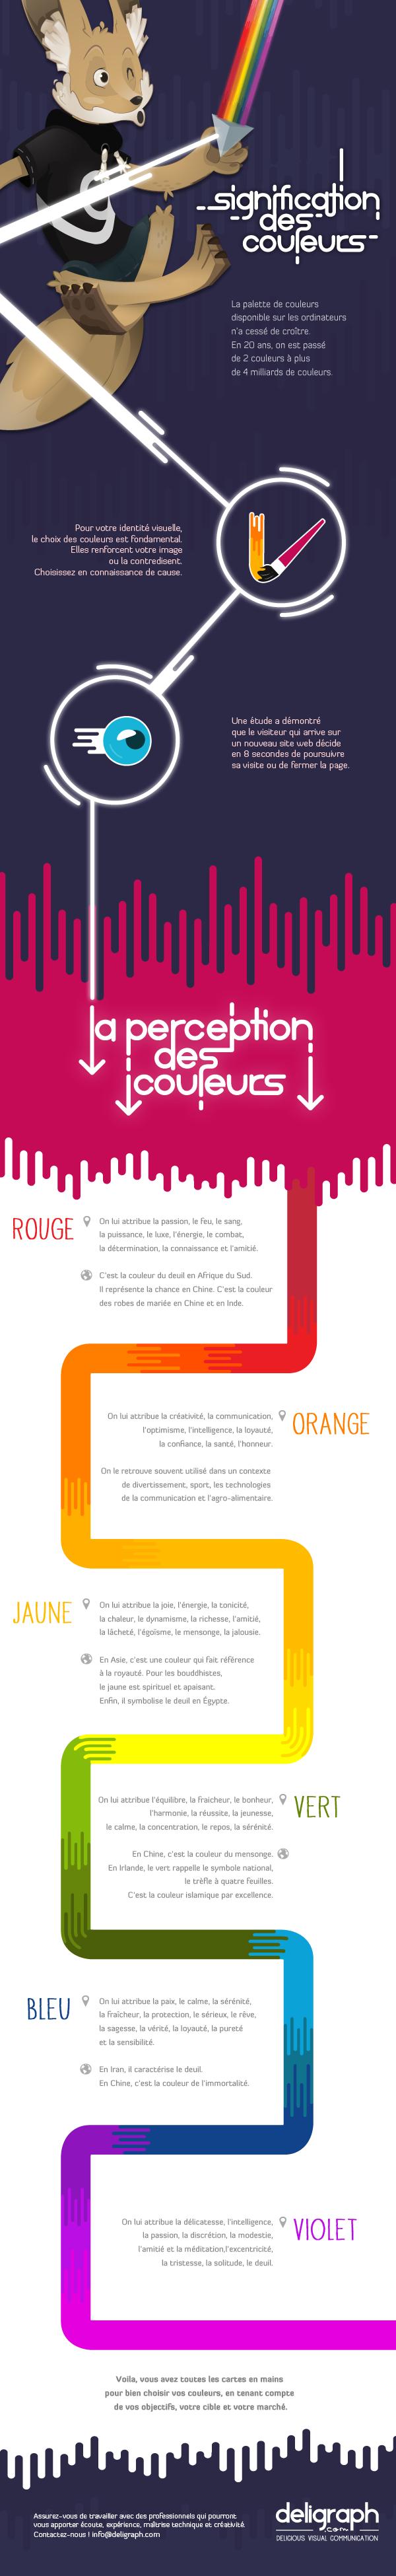 Identité visuelle : l'importance et la signification des couleurs (infographie)